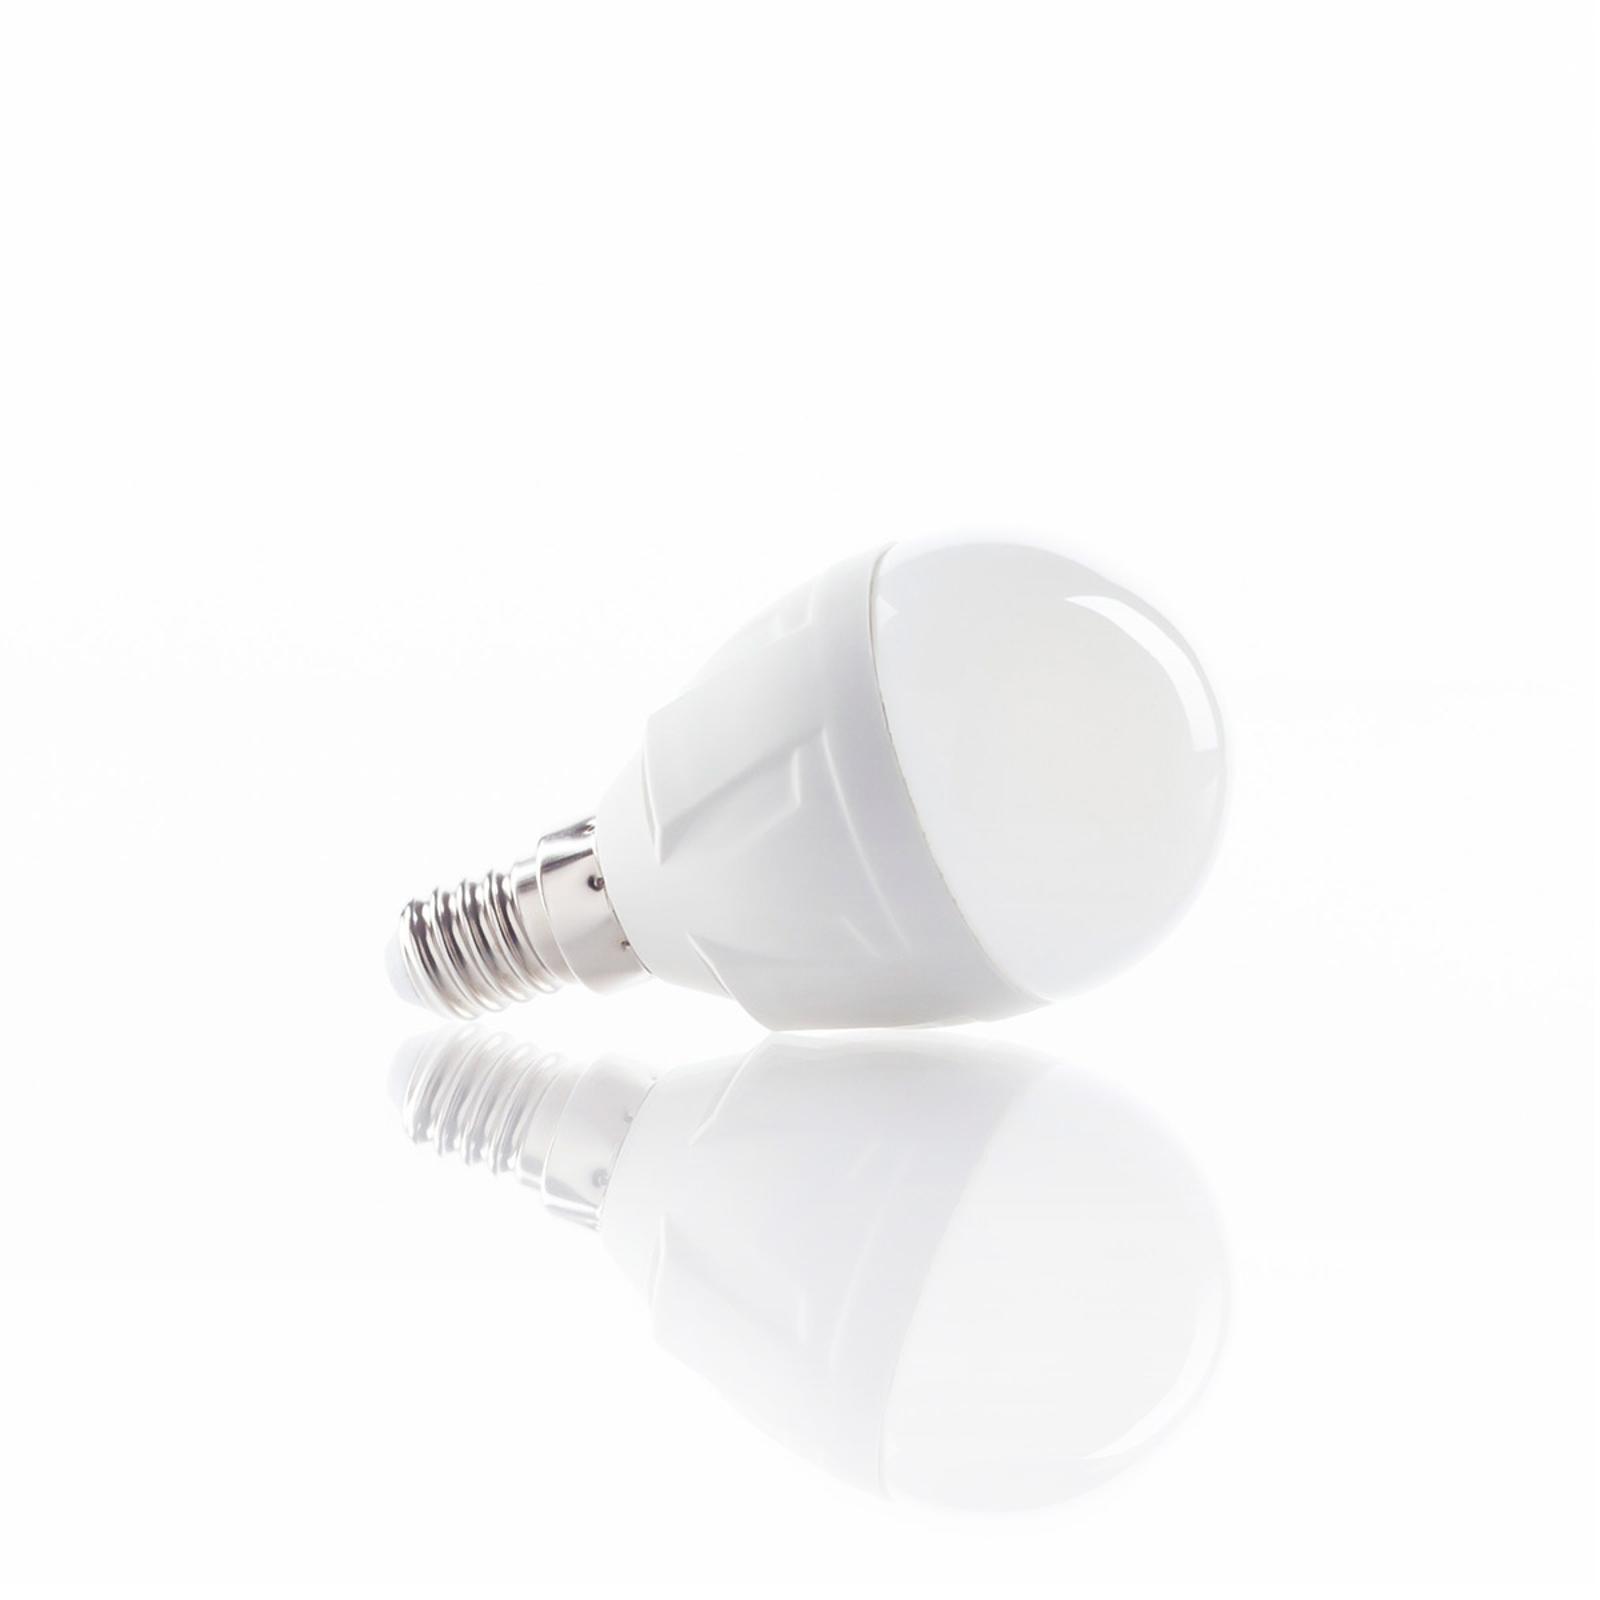 E14 6W 830 lampa LED w kszt. kropli ciepła biel